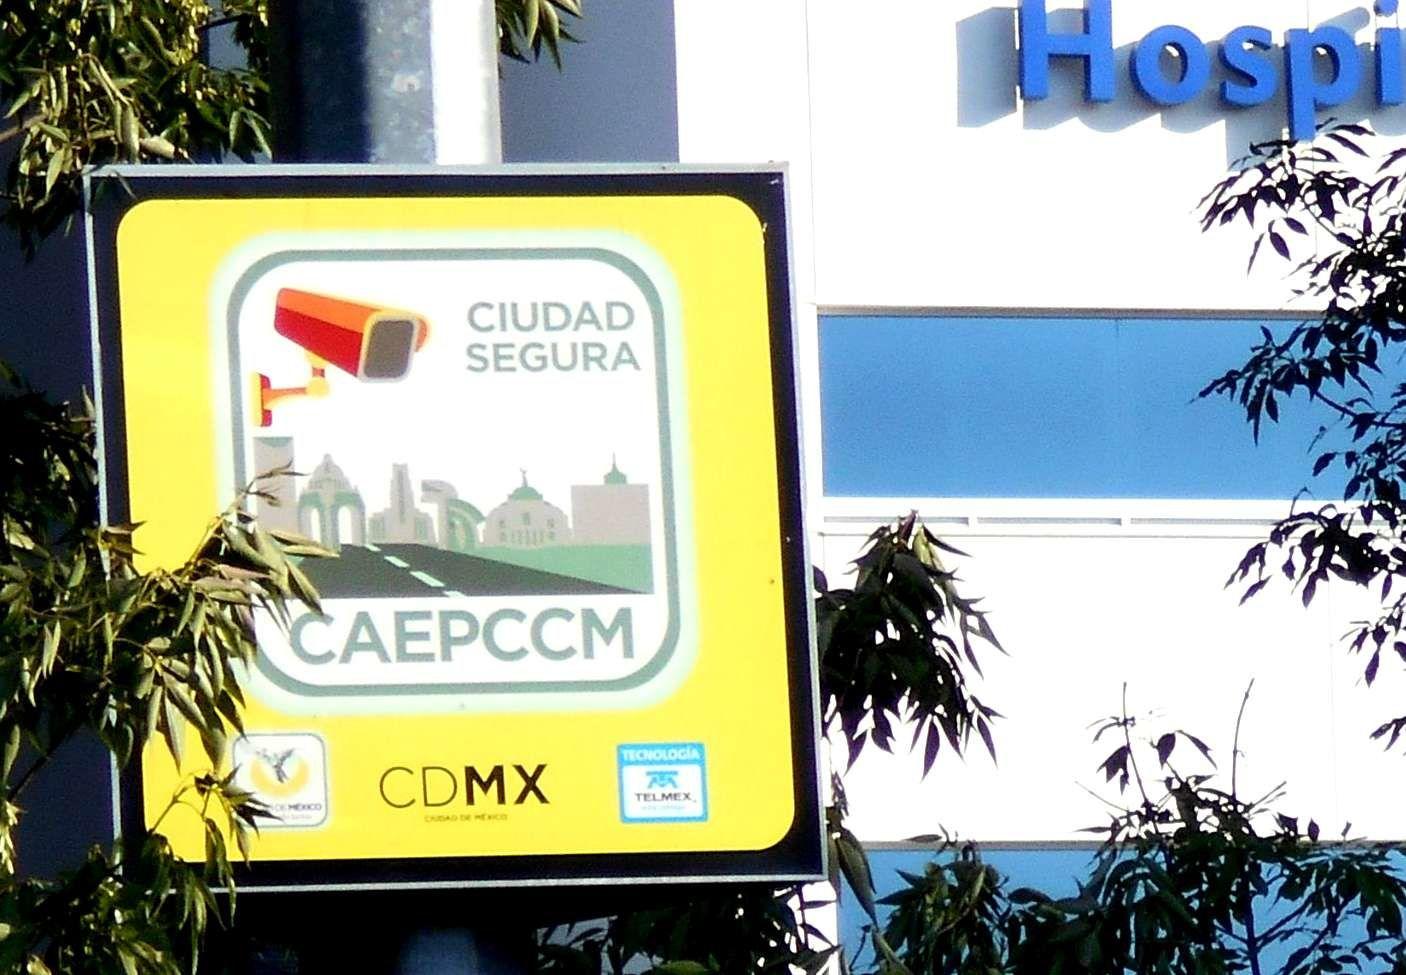 Remplaçant le D.F., CDMX bien présent dans les rues de la Ciudad de Mexico